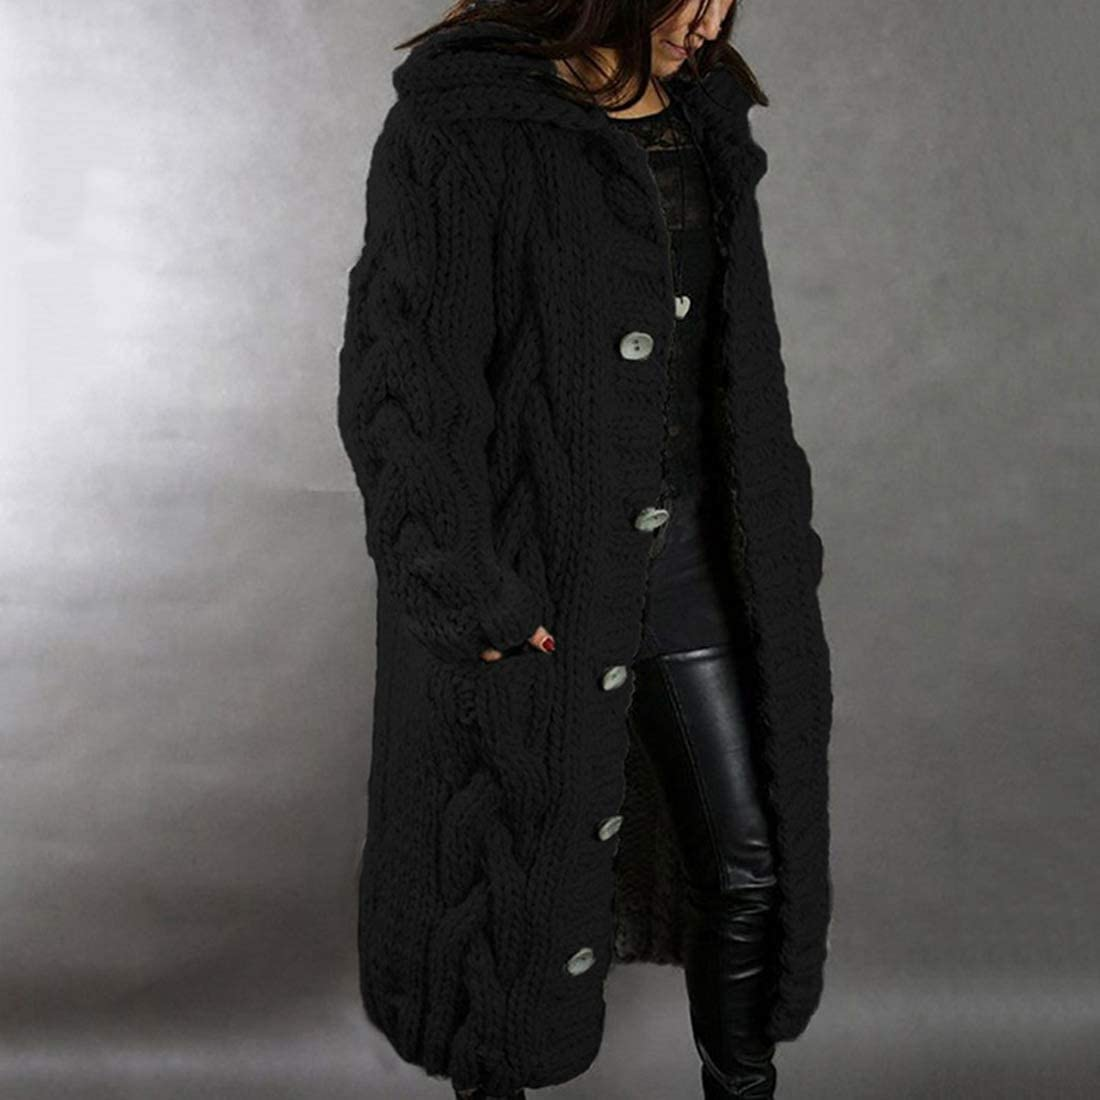 MoneRffi Damen Lang Strickjacke Cardigans Strickmantel Coat Lässige Warmer Freizeitmantel Wollmantel Offene mit Taschen Outwear Winter C-Schwarz